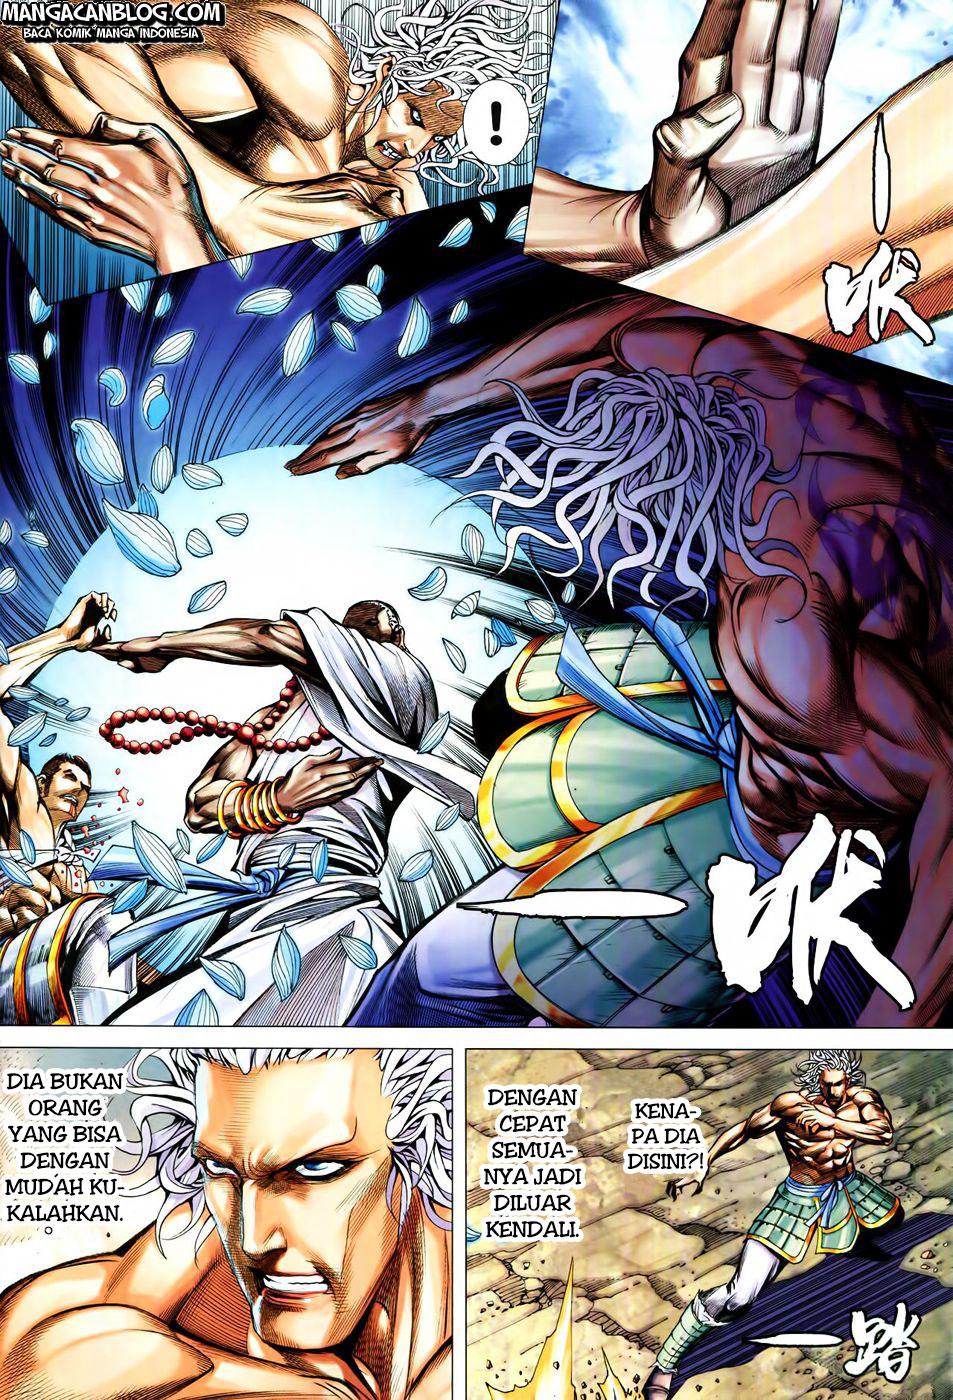 Dilarang COPAS - situs resmi www.mangacanblog.com - Komik feng shen ji 2 127 - mati tanpa penyesalan 128 Indonesia feng shen ji 2 127 - mati tanpa penyesalan Terbaru 17|Baca Manga Komik Indonesia|Mangacan